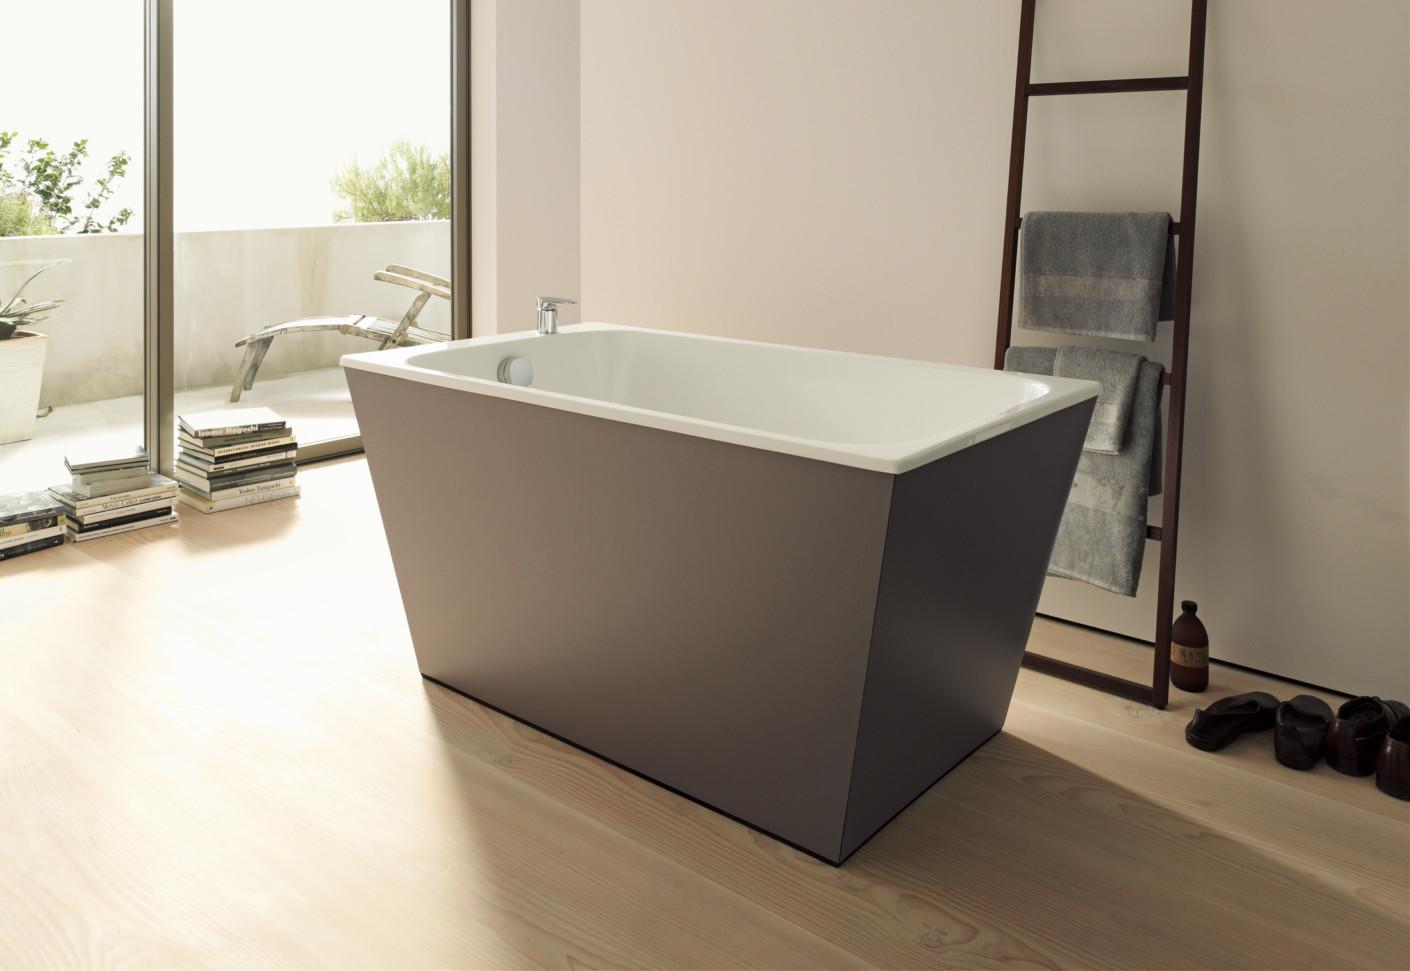 Onto Stand Alone Bath Tub By Duravit STYLEPARK - Stand alone bath tub